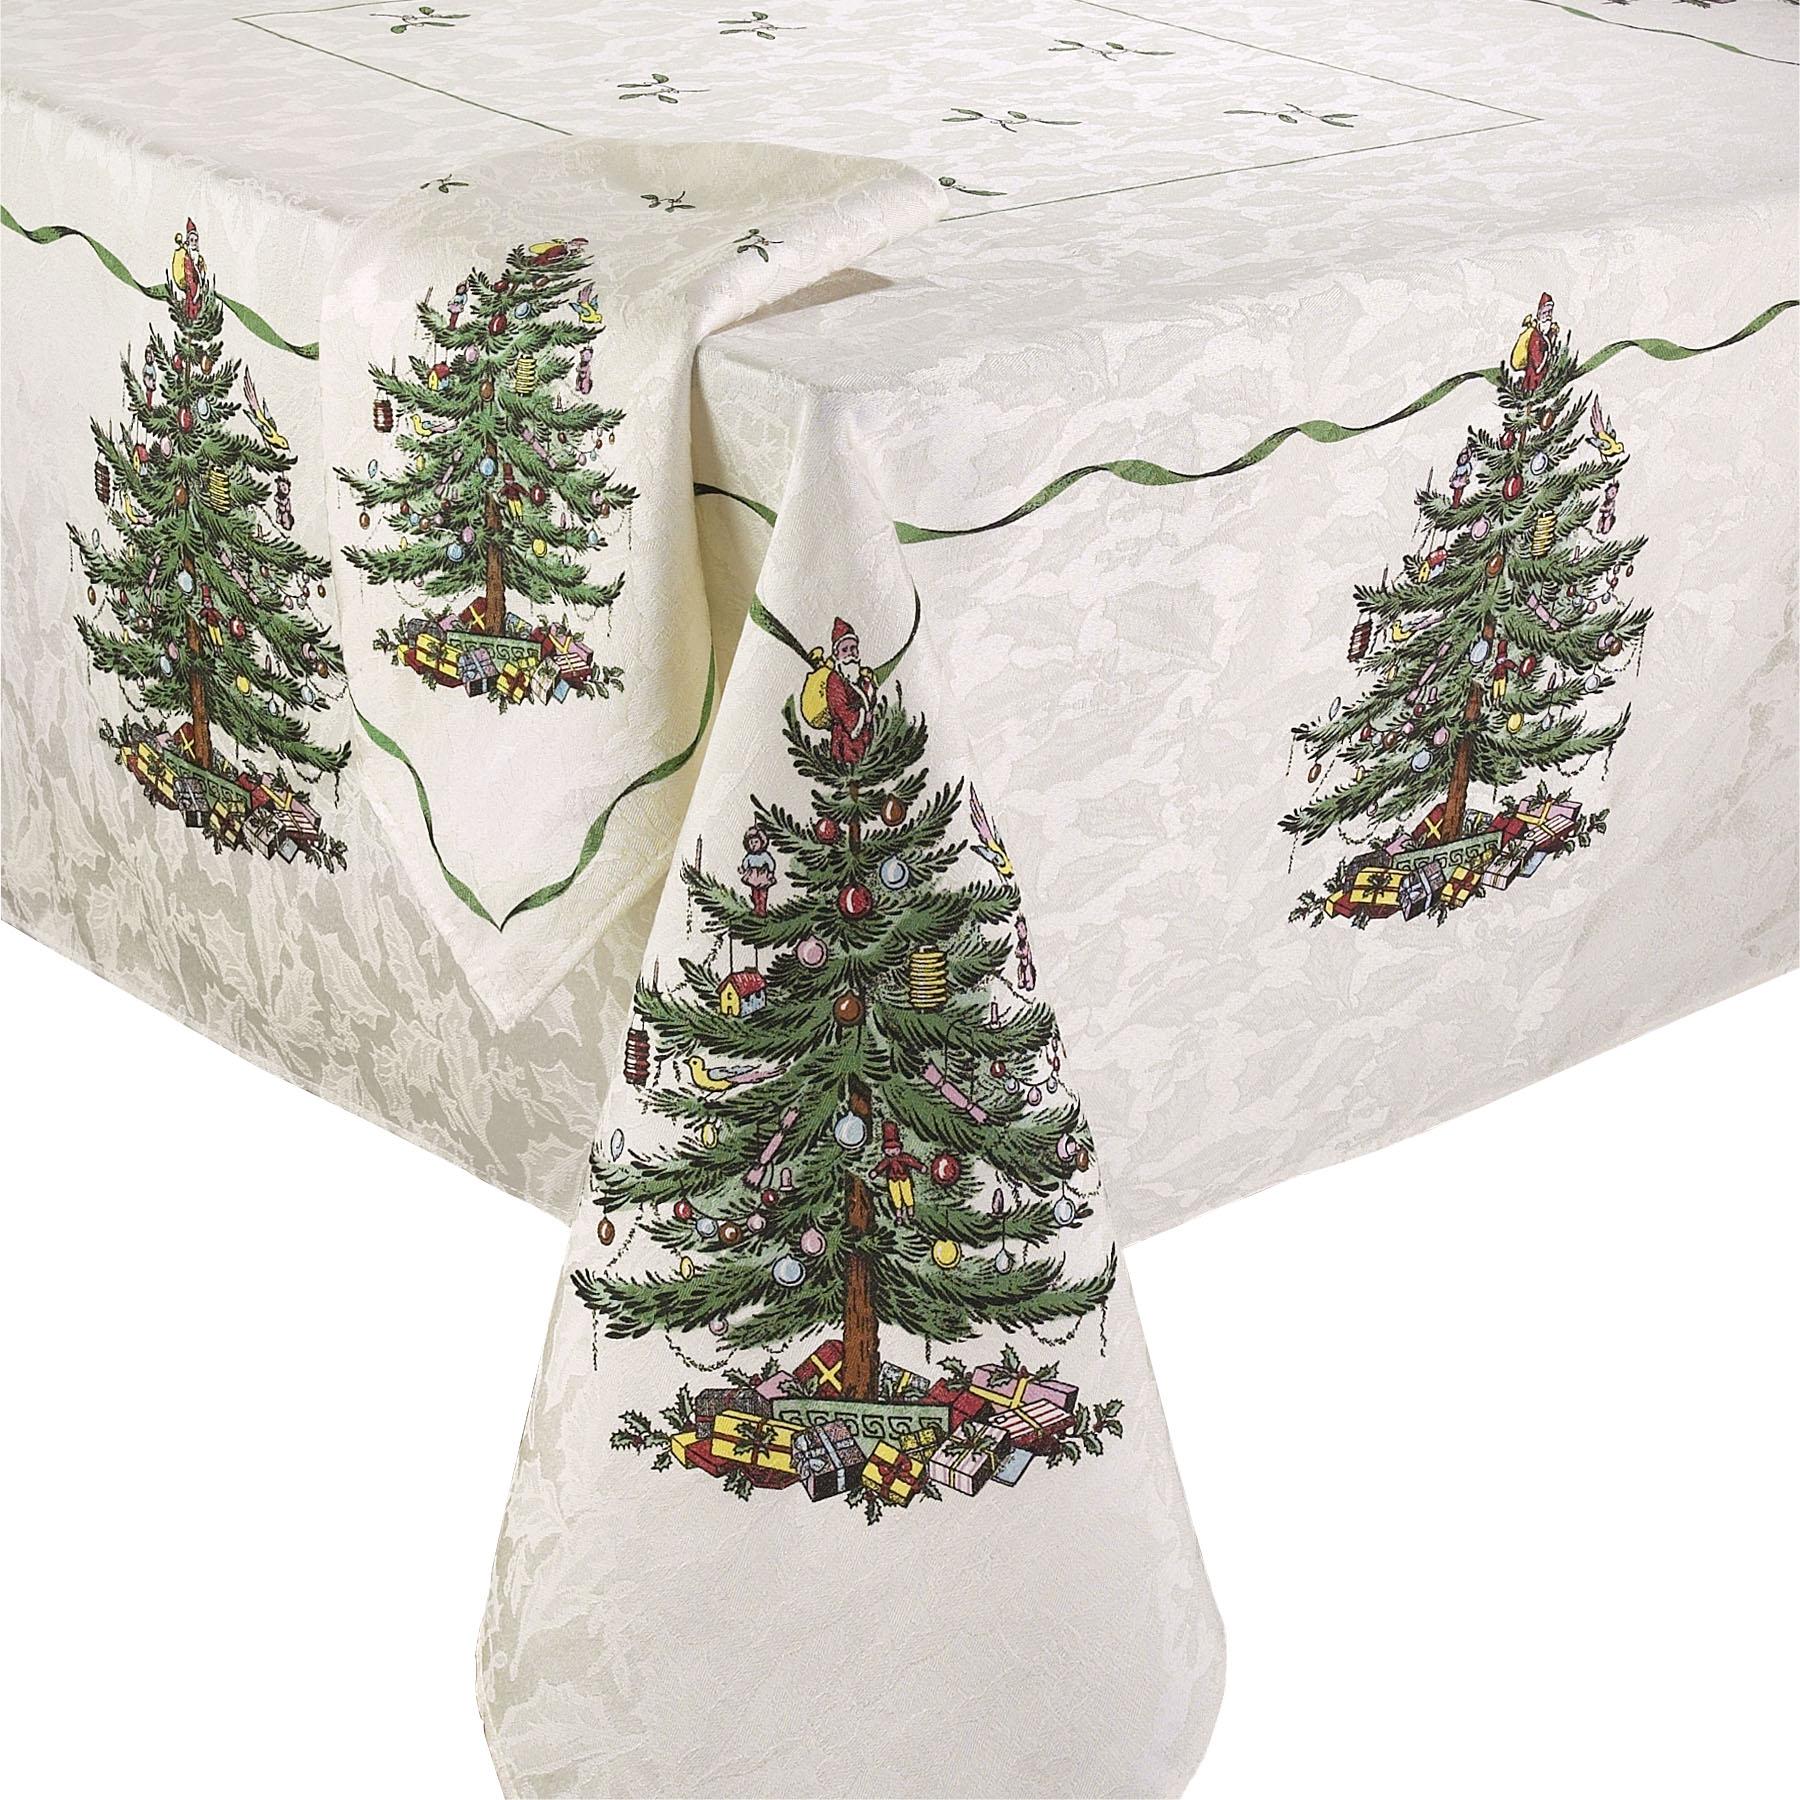 Кухонная скатерть прямоугольная 152х213 см Spode Christmas Tree